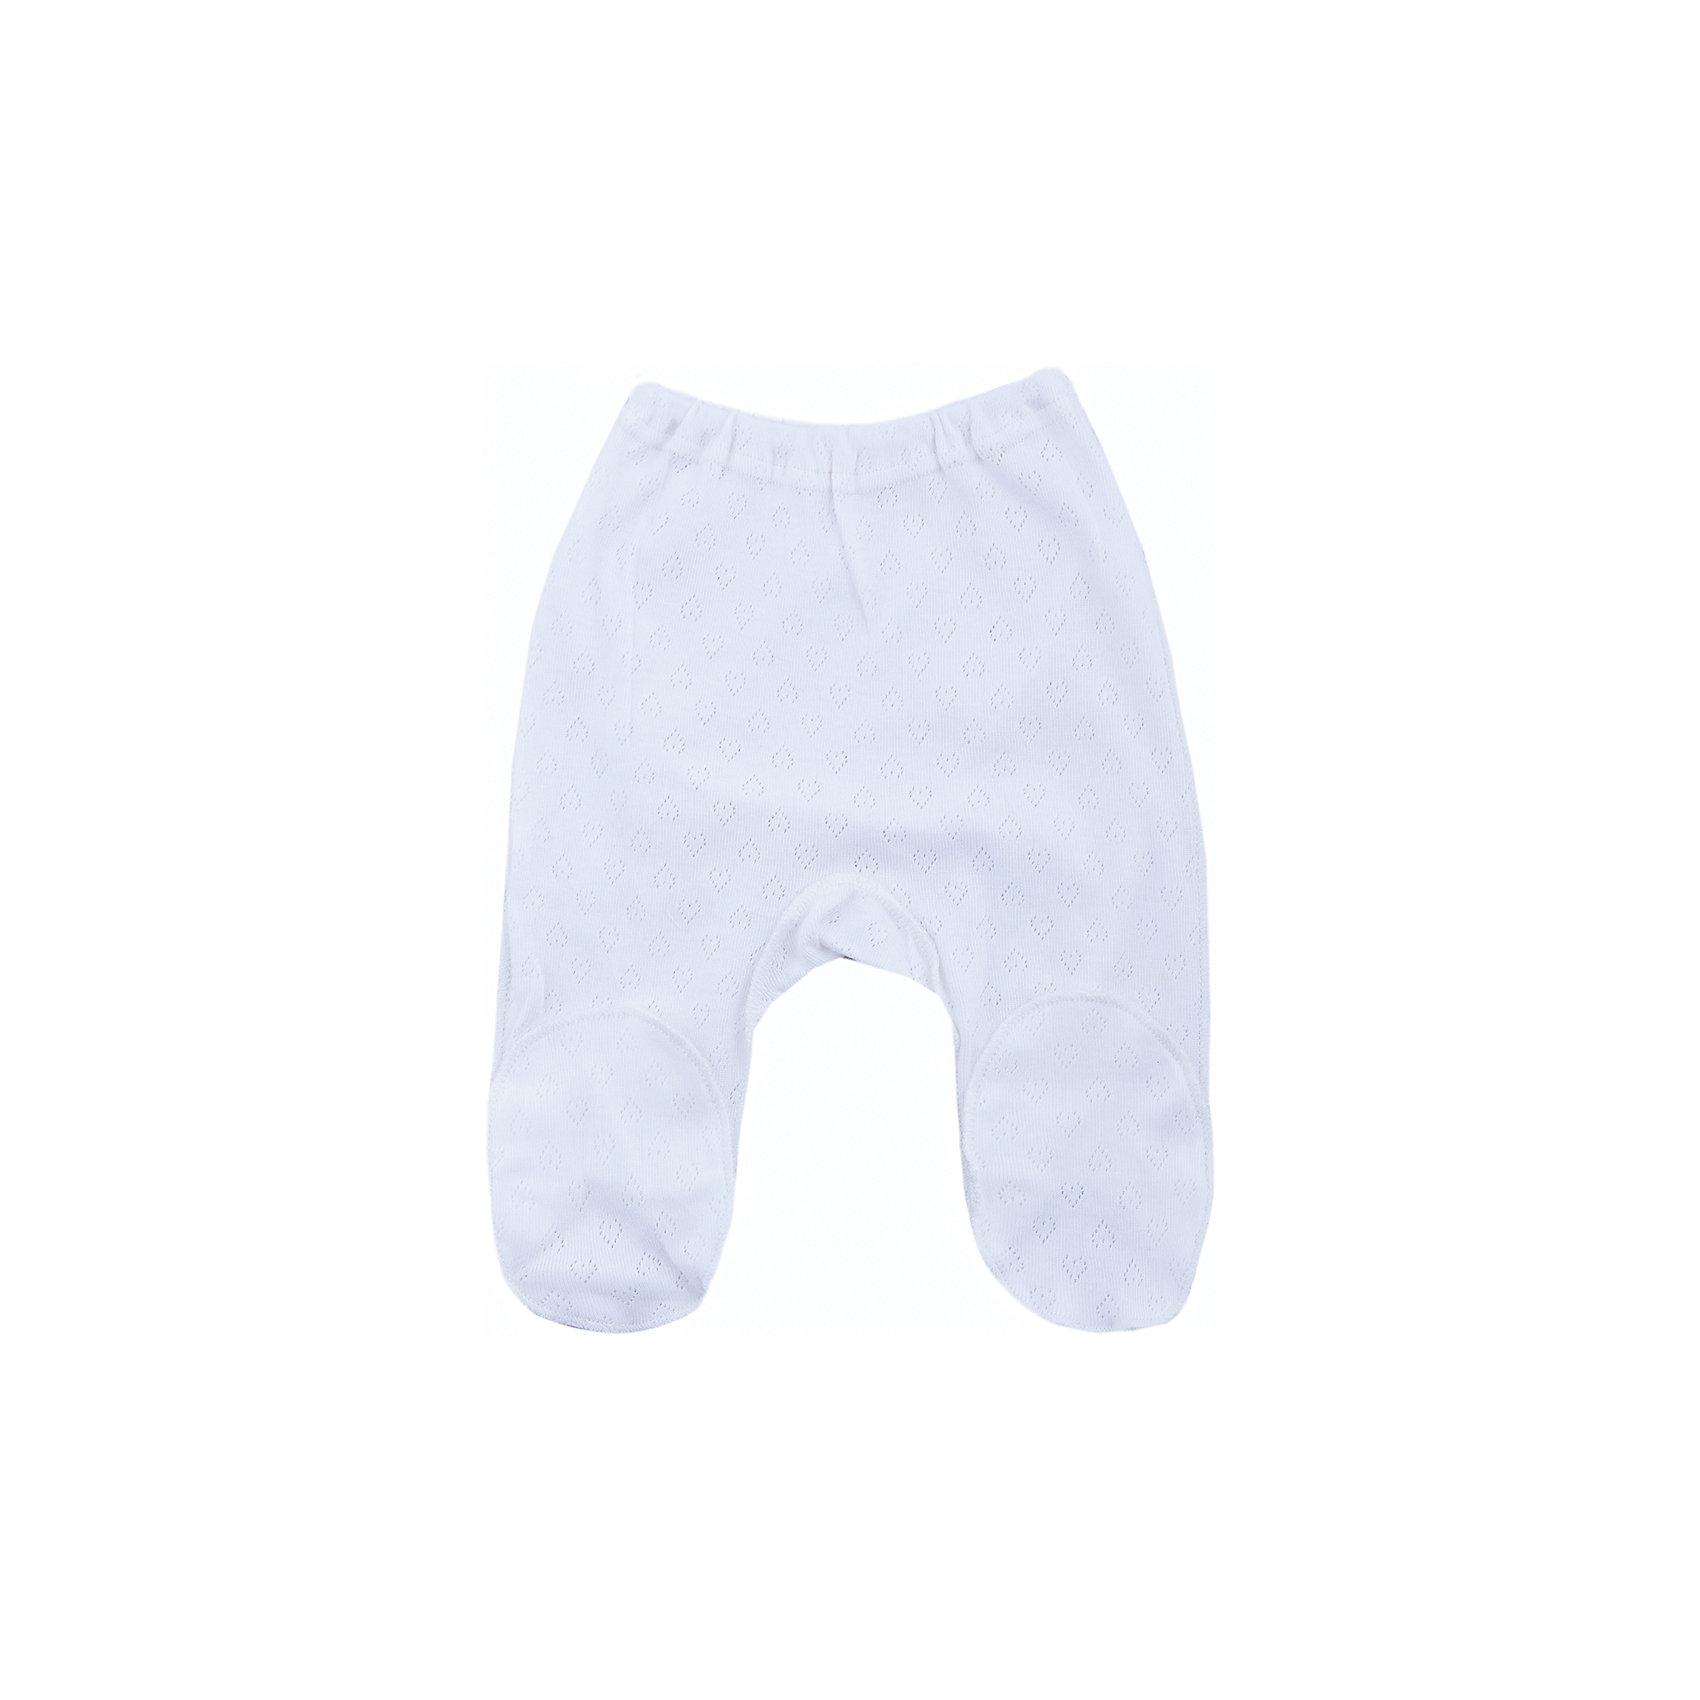 Ползунки Soni KidsПолзунки и штанишки<br>Ползунки от популярной марки Soni Kids<br><br>Ползунки универсального молочного цвета созданы специально для самых маленьких. Они обеспечат ребенку удобство, не будут натирать,  а также позволят коже дышать.<br><br>Особенности модели:<br><br>- цвет - молочный;<br>- материал - натуральный ажурный хлопок-рибана;<br>- швы наружу;<br>- мягкая окантовка;<br>- пояс  - мягкая резинка.<br><br>Дополнительная информация:<br><br>Состав: 100% хлопок (рибана)<br><br>Габариты:<br><br>длина от пояса до пятки - 38 см.<br><br>*соответствует размеру 62<br><br>Ползунки от популярной марки Soni Kids (Сони Кидс) можно купить в нашем магазине.<br><br>Ширина мм: 157<br>Глубина мм: 13<br>Высота мм: 119<br>Вес г: 200<br>Цвет: бежевый<br>Возраст от месяцев: 6<br>Возраст до месяцев: 9<br>Пол: Унисекс<br>Возраст: Детский<br>Размер: 74,62,56,68<br>SKU: 4323301